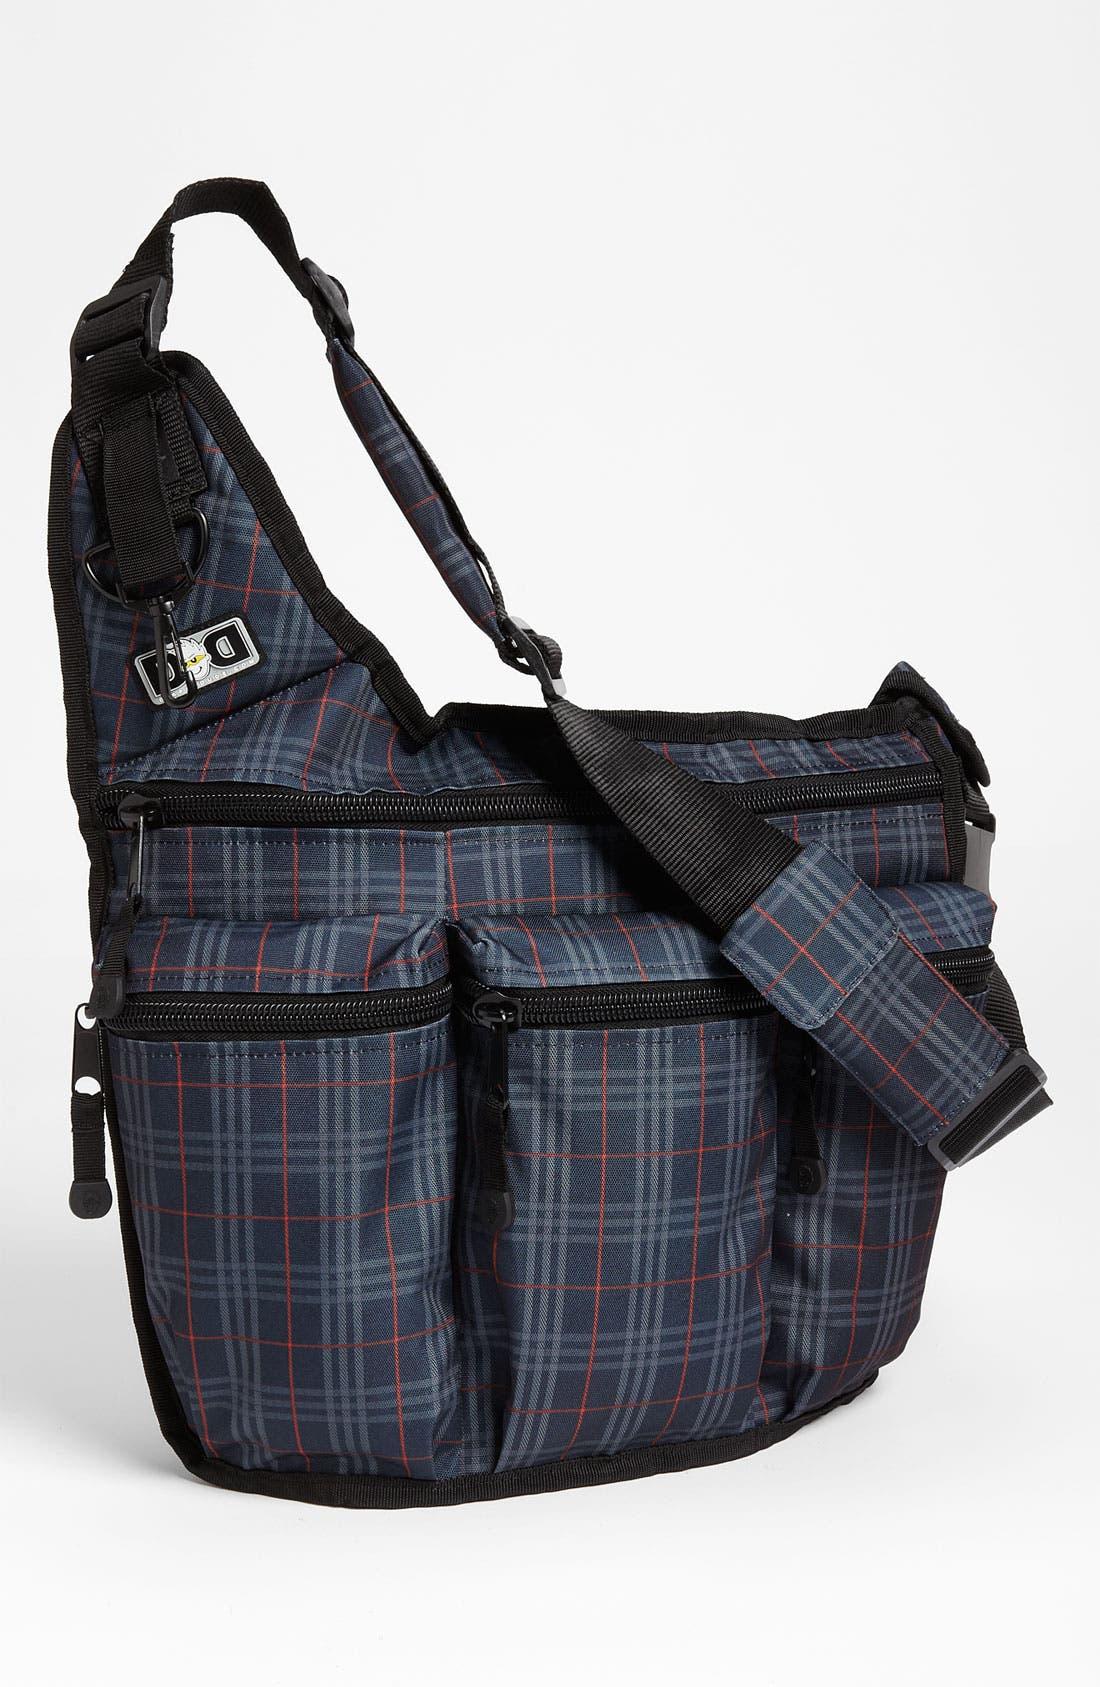 Alternate Image 1 Selected - Diaper Dude 'Messenger I' Diaper Bag